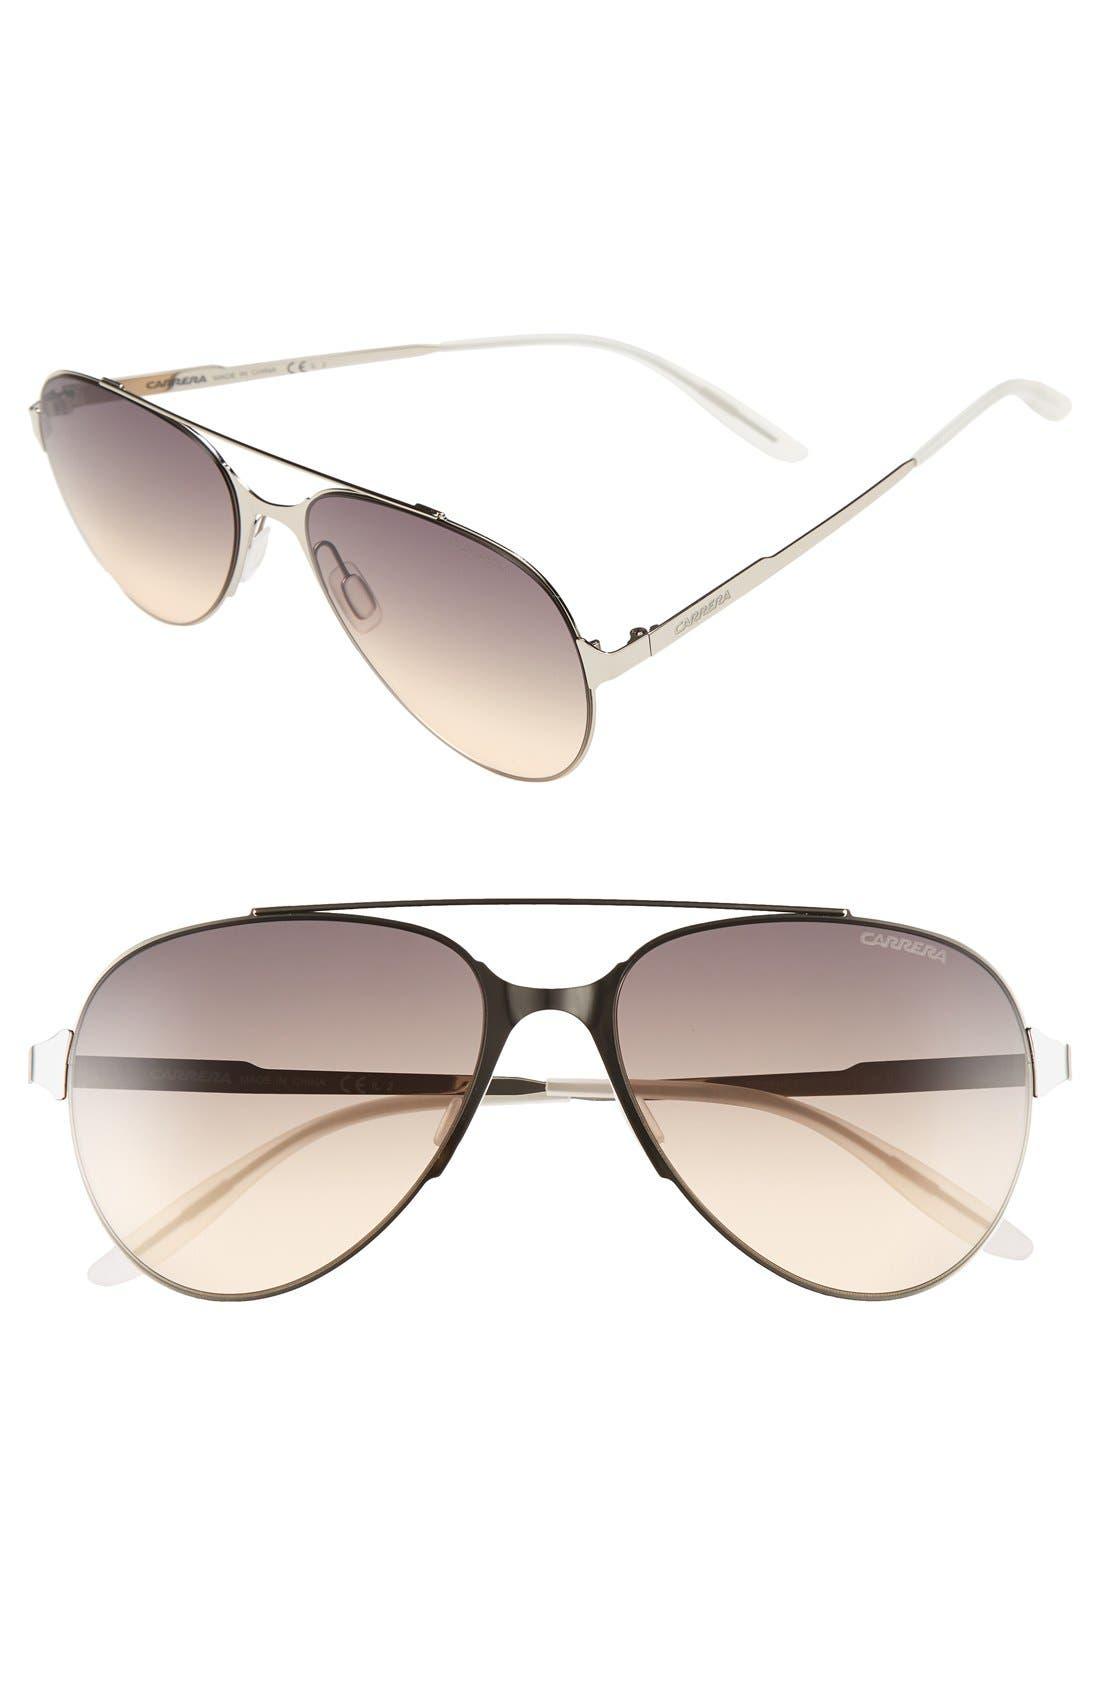 Main Image - Carrera Eyewear '113/S' Aviator Sunglasses